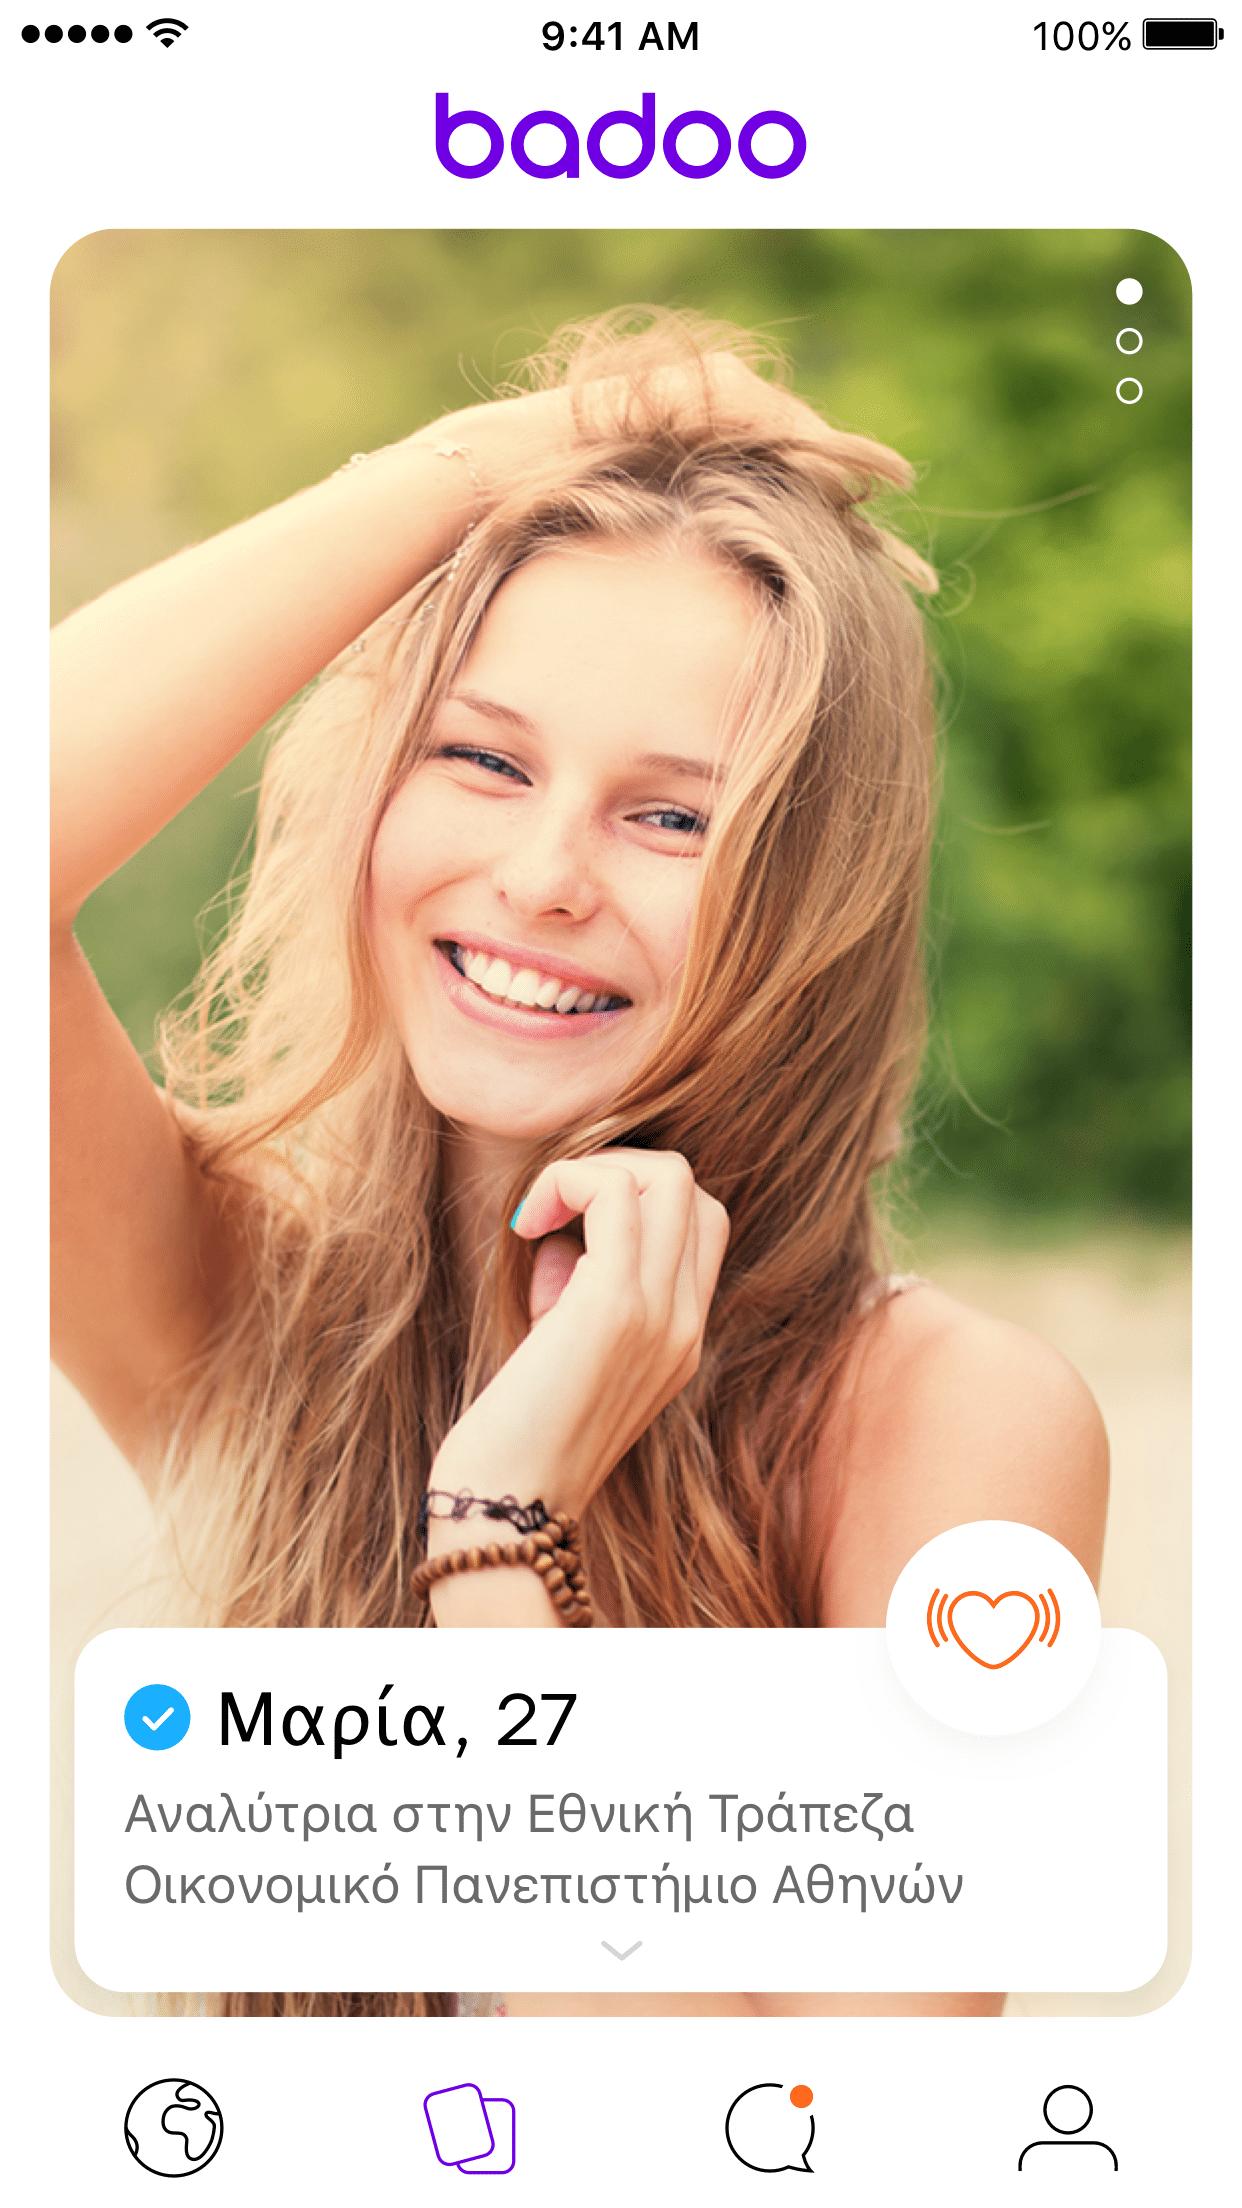 Γάμος χωρίς dating EP 12 sinopsis